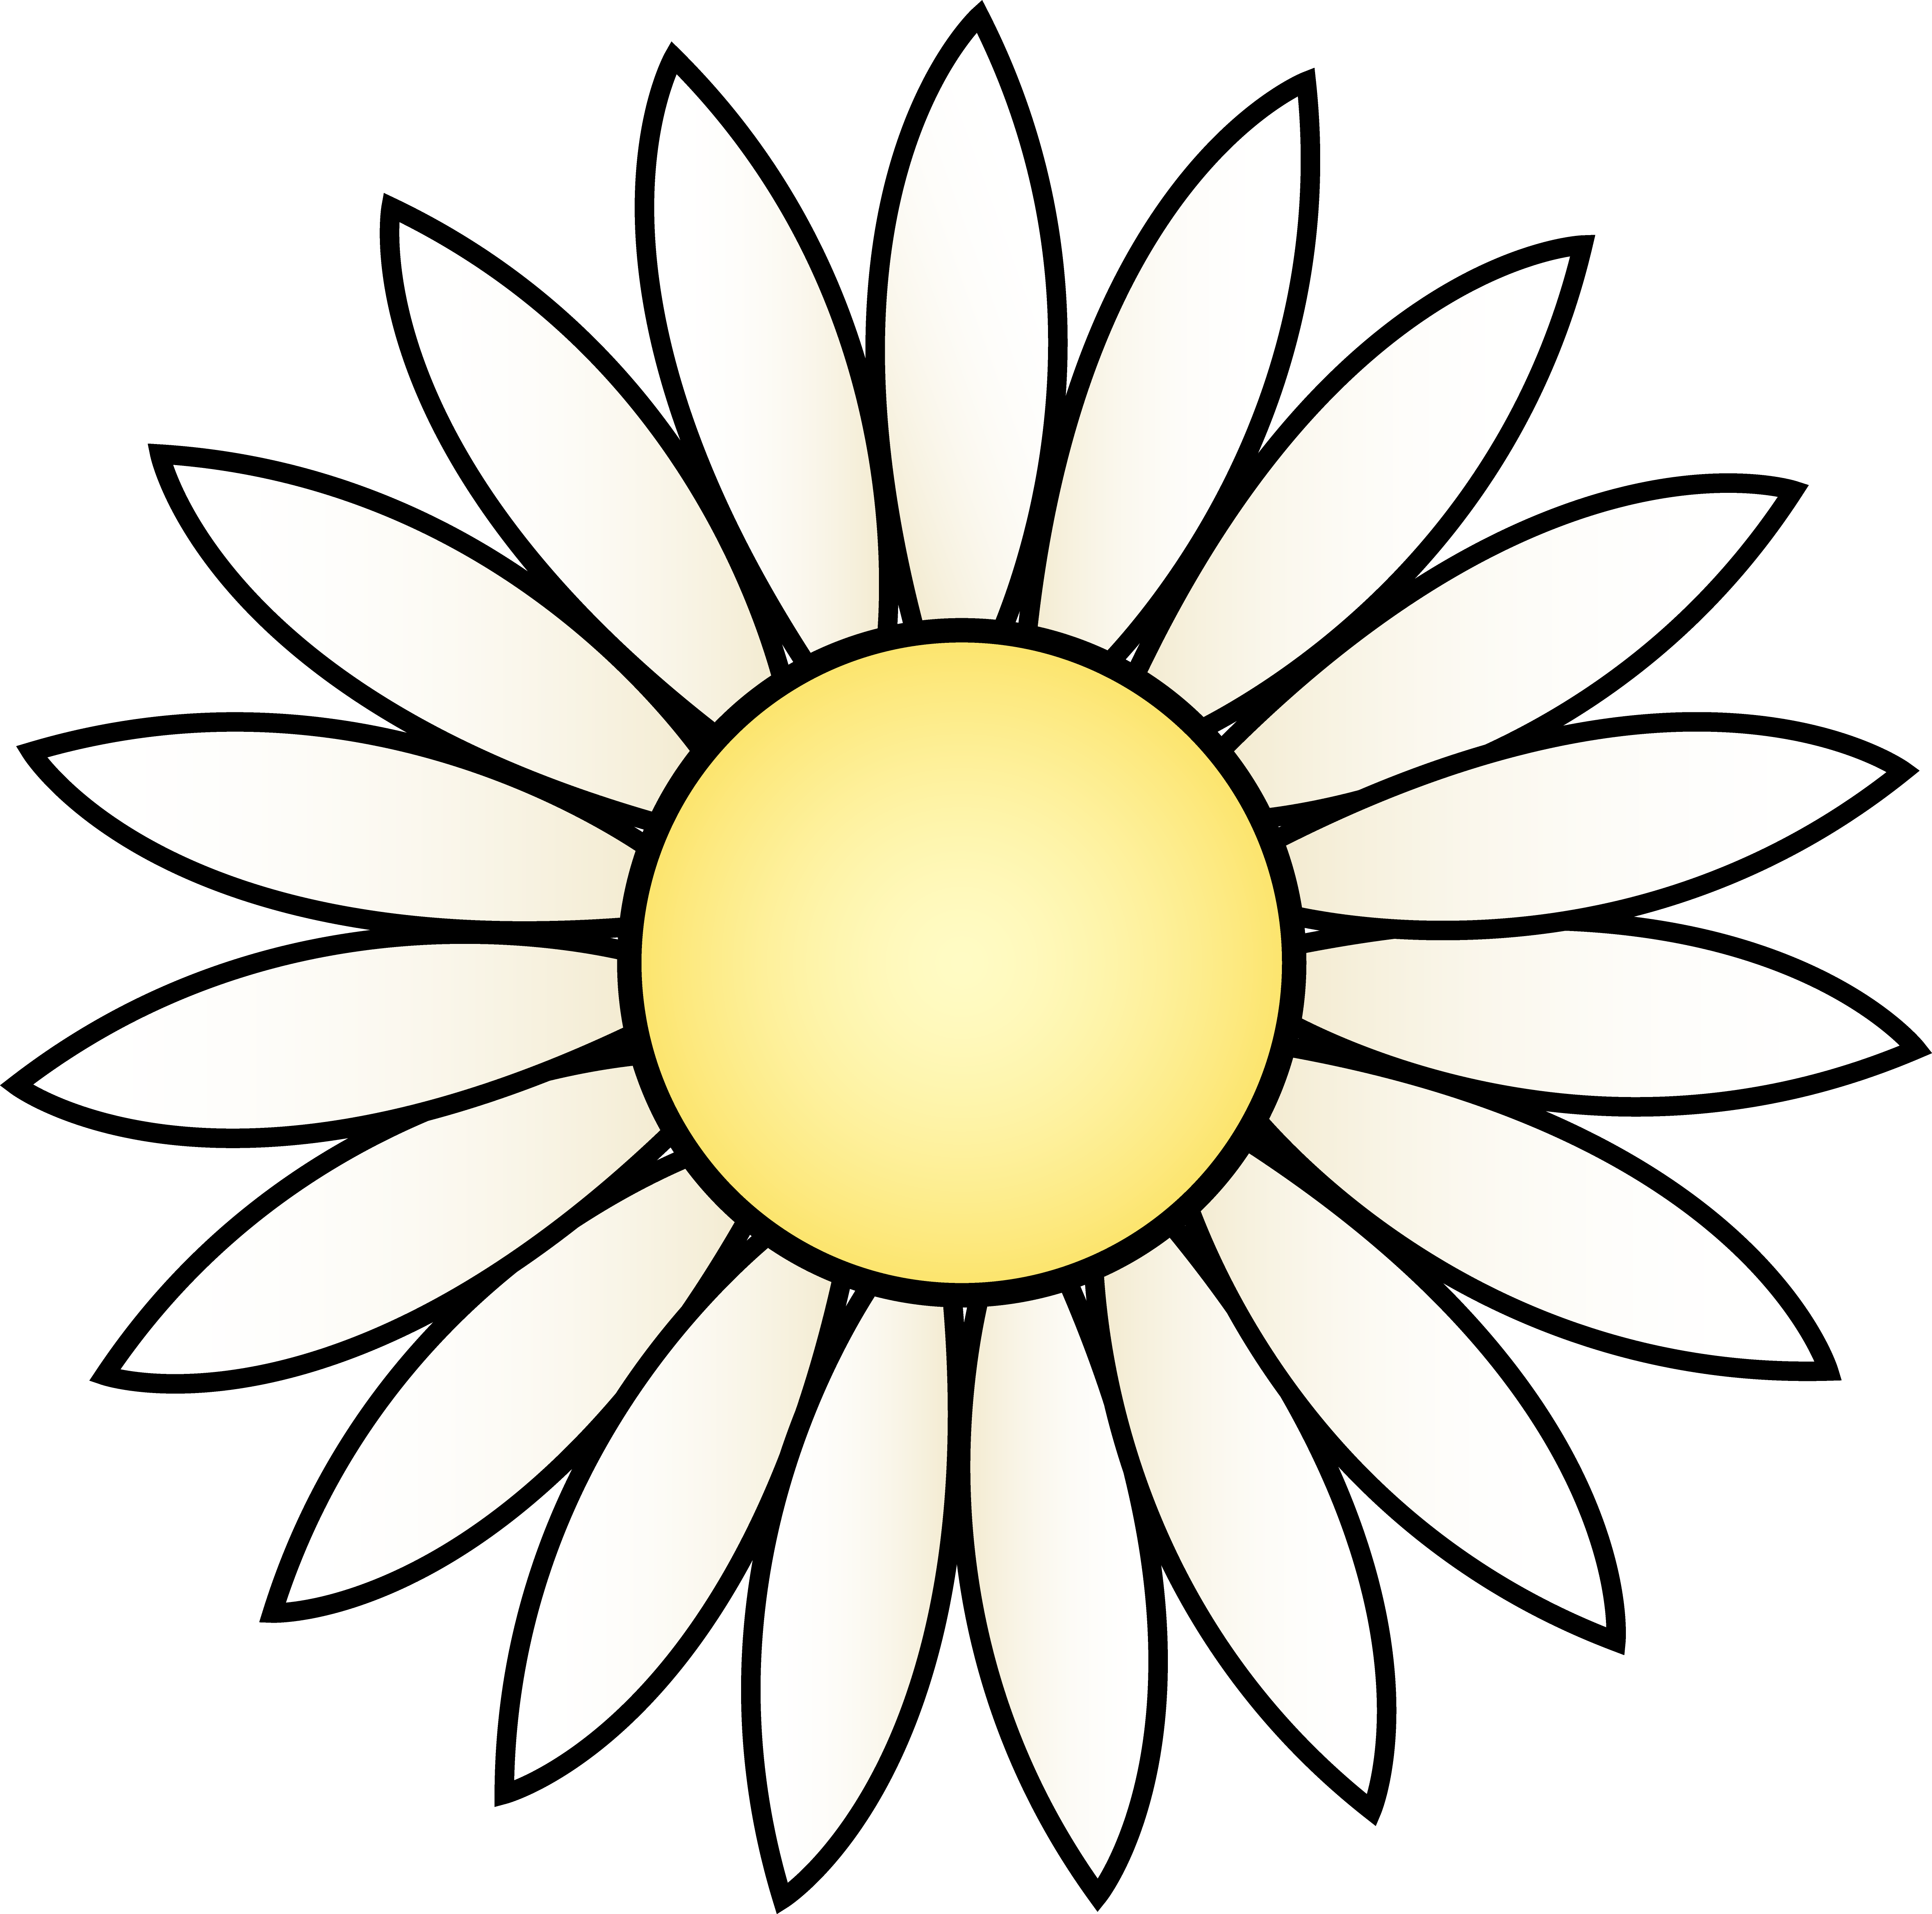 Daisy Clip Art Free Free Clipart Images -Daisy clip art free free clipart images 3-5